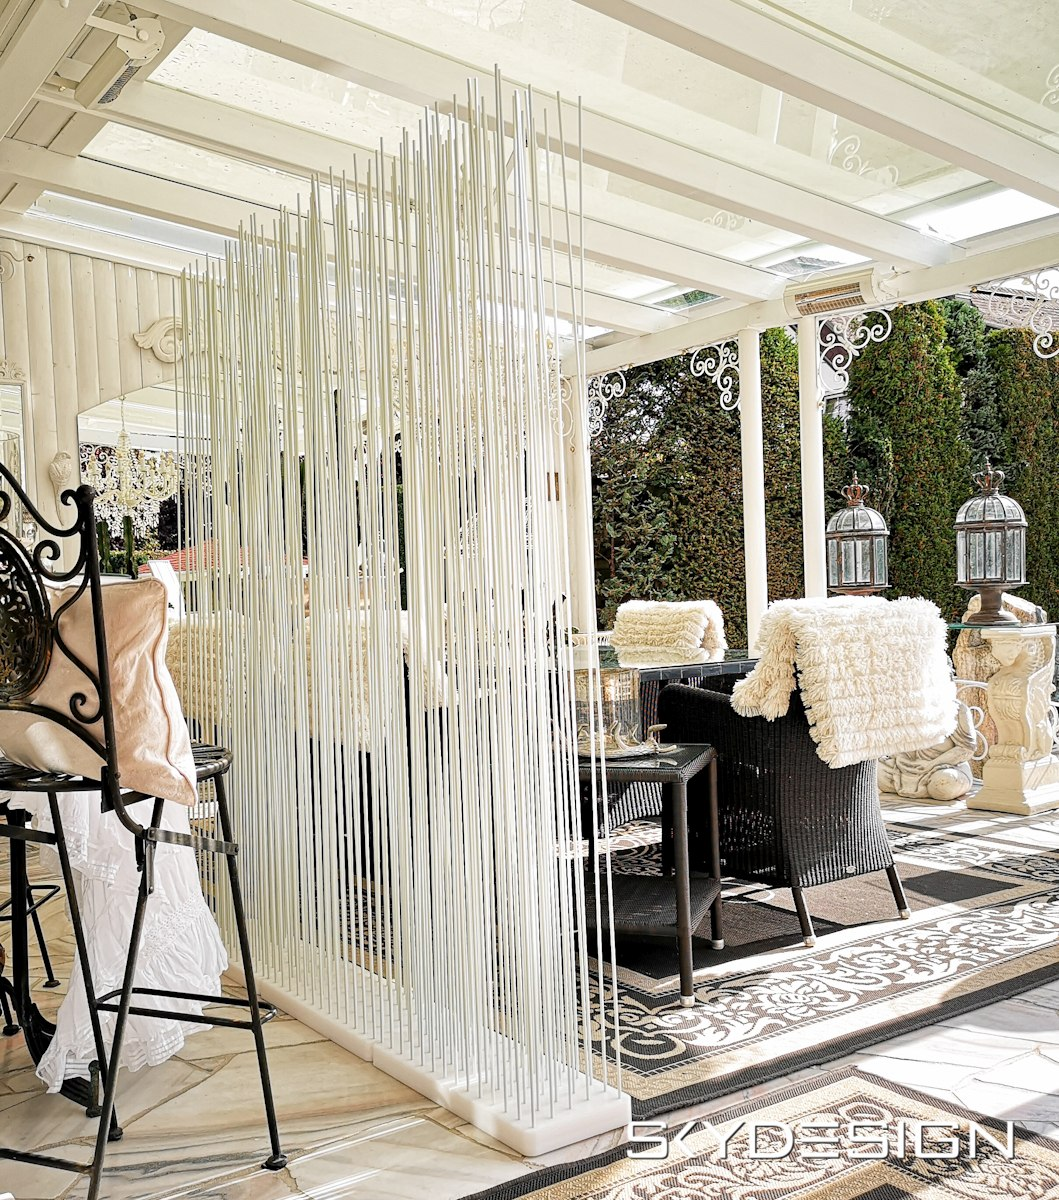 Moderner Sichtschutz Für Die Terrasse In Weiss Skydesign News